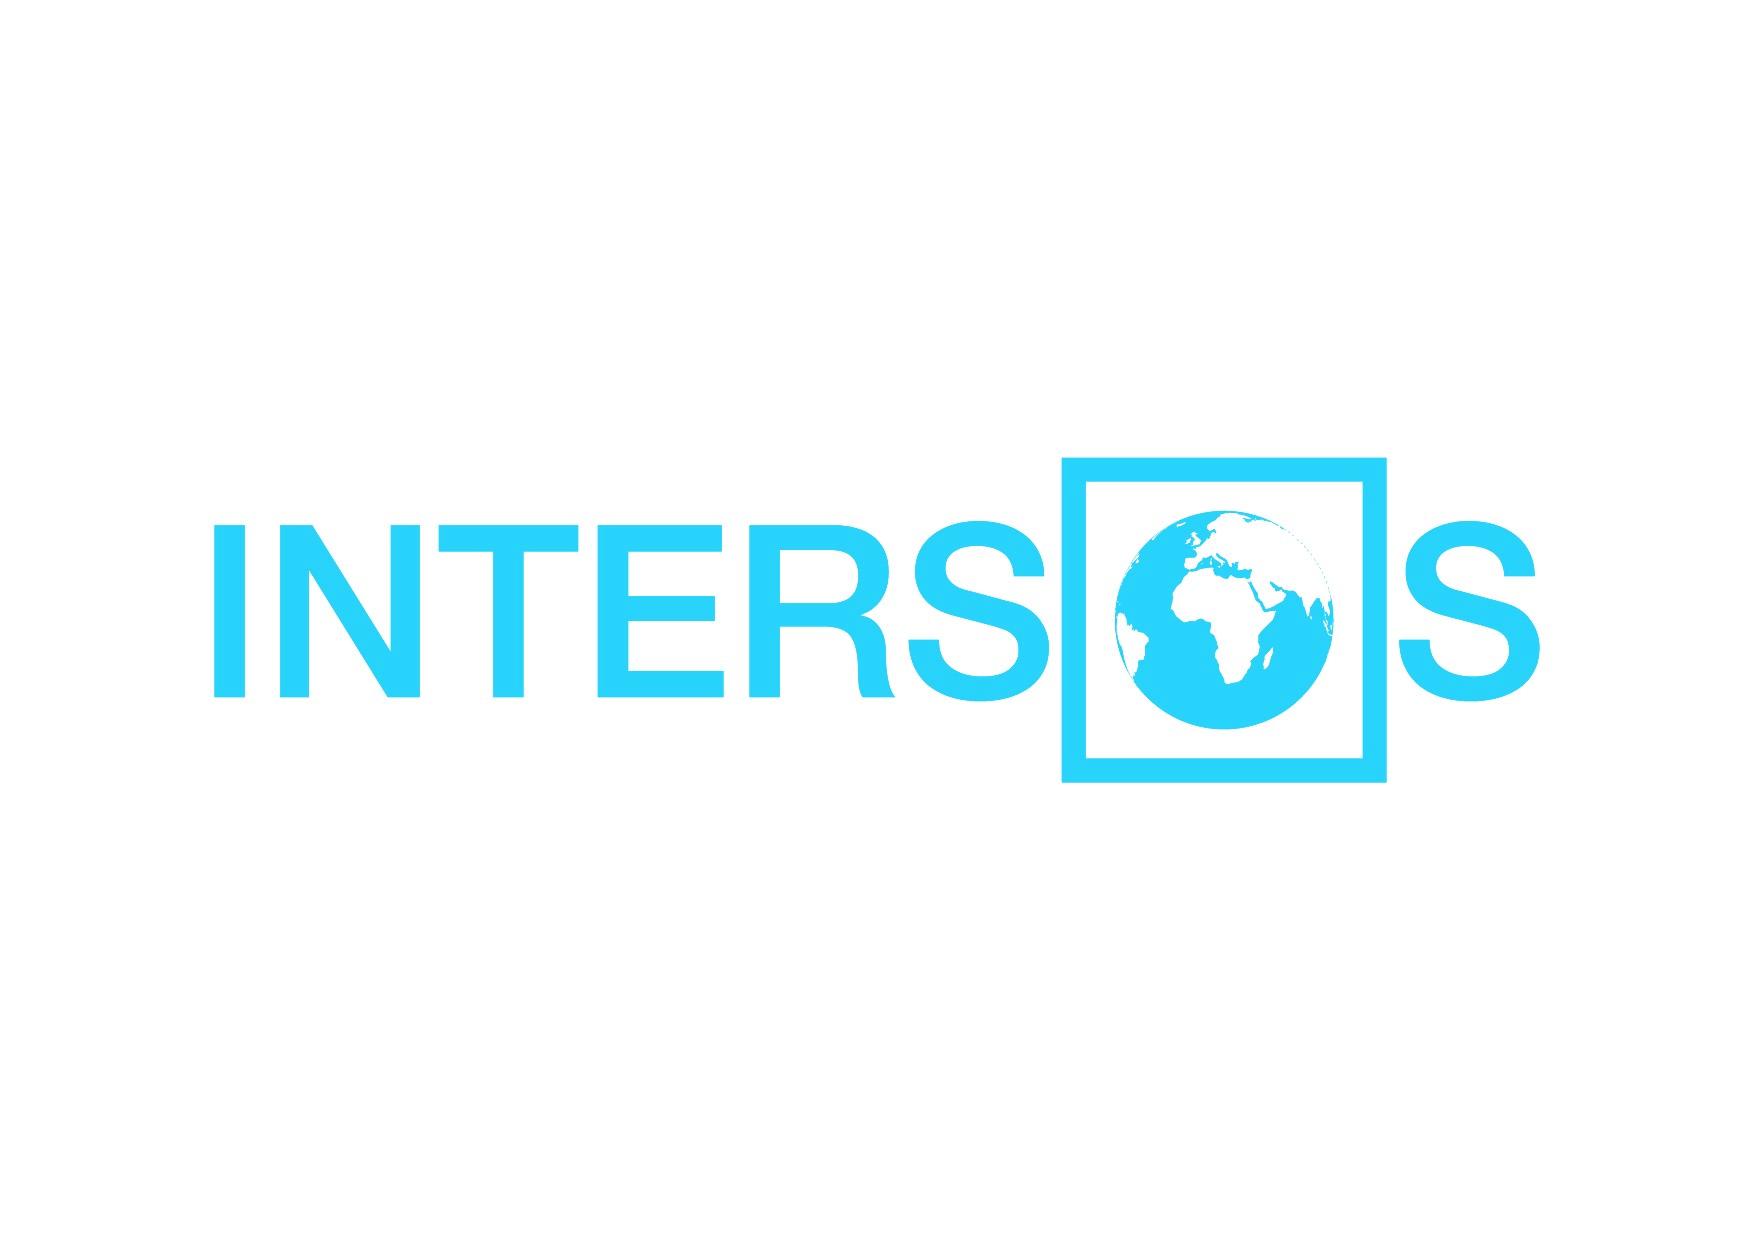 INTERSOS  LOGO.jpg